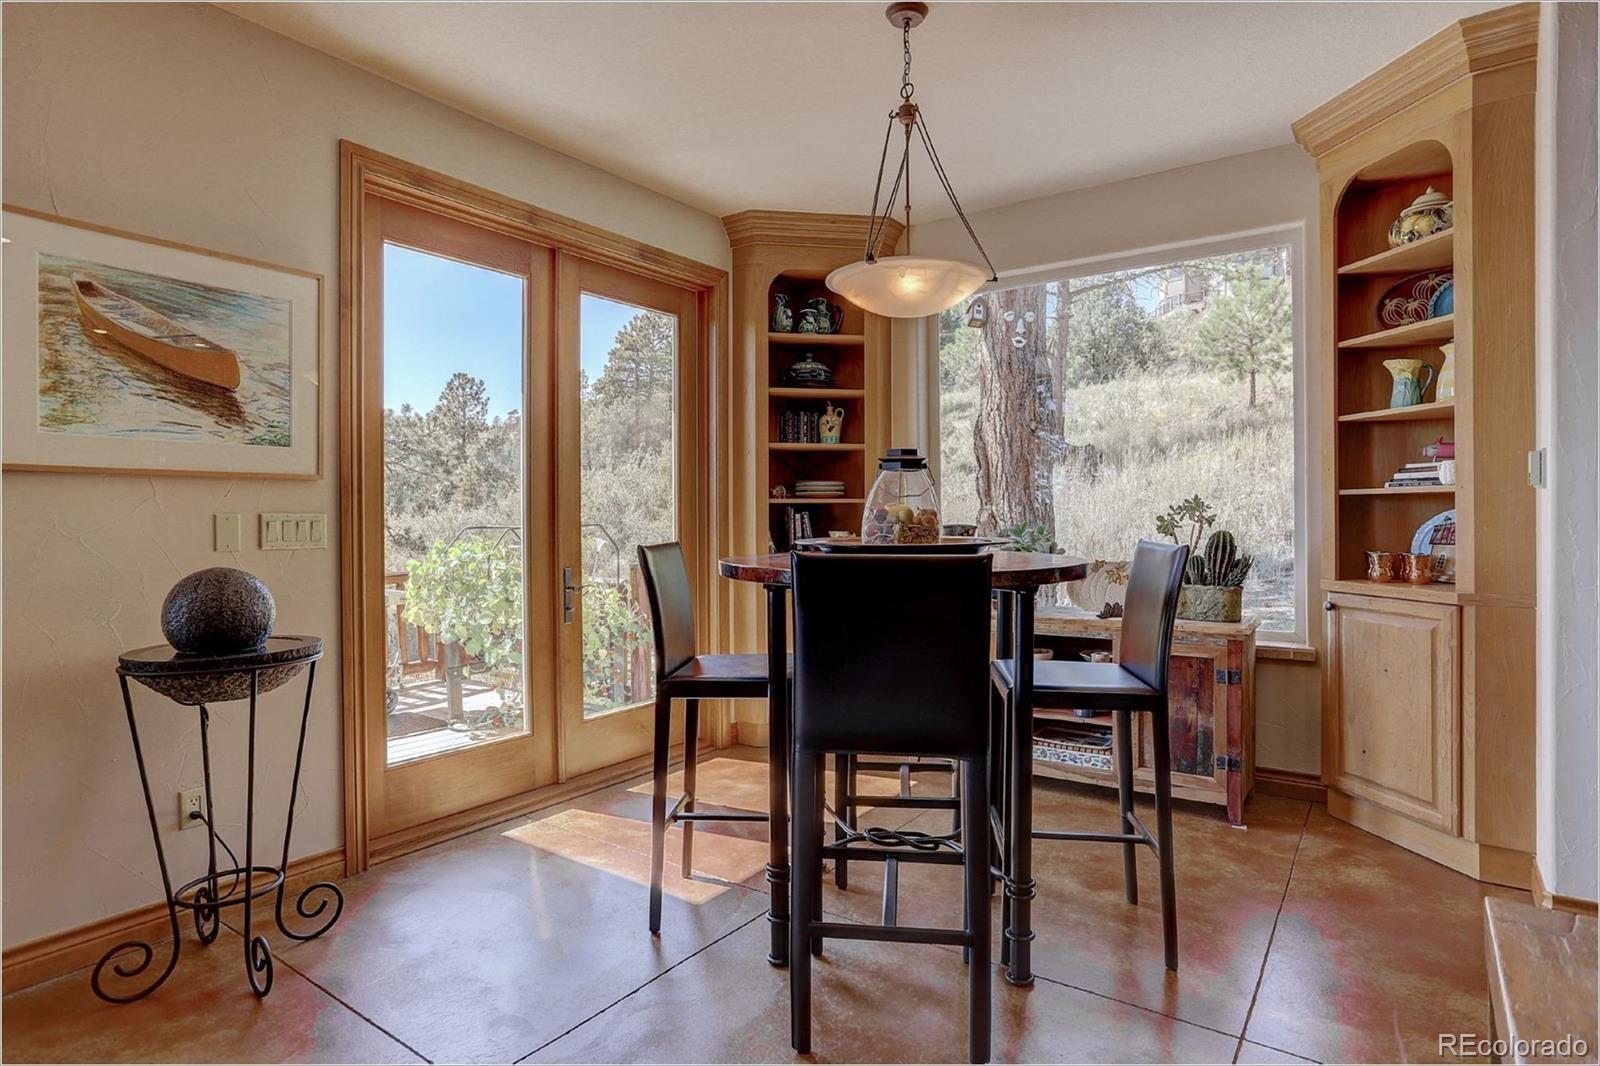 MLS# 7982246 - 17 - 13831 Douglas Ranch Drive, Pine, CO 80470